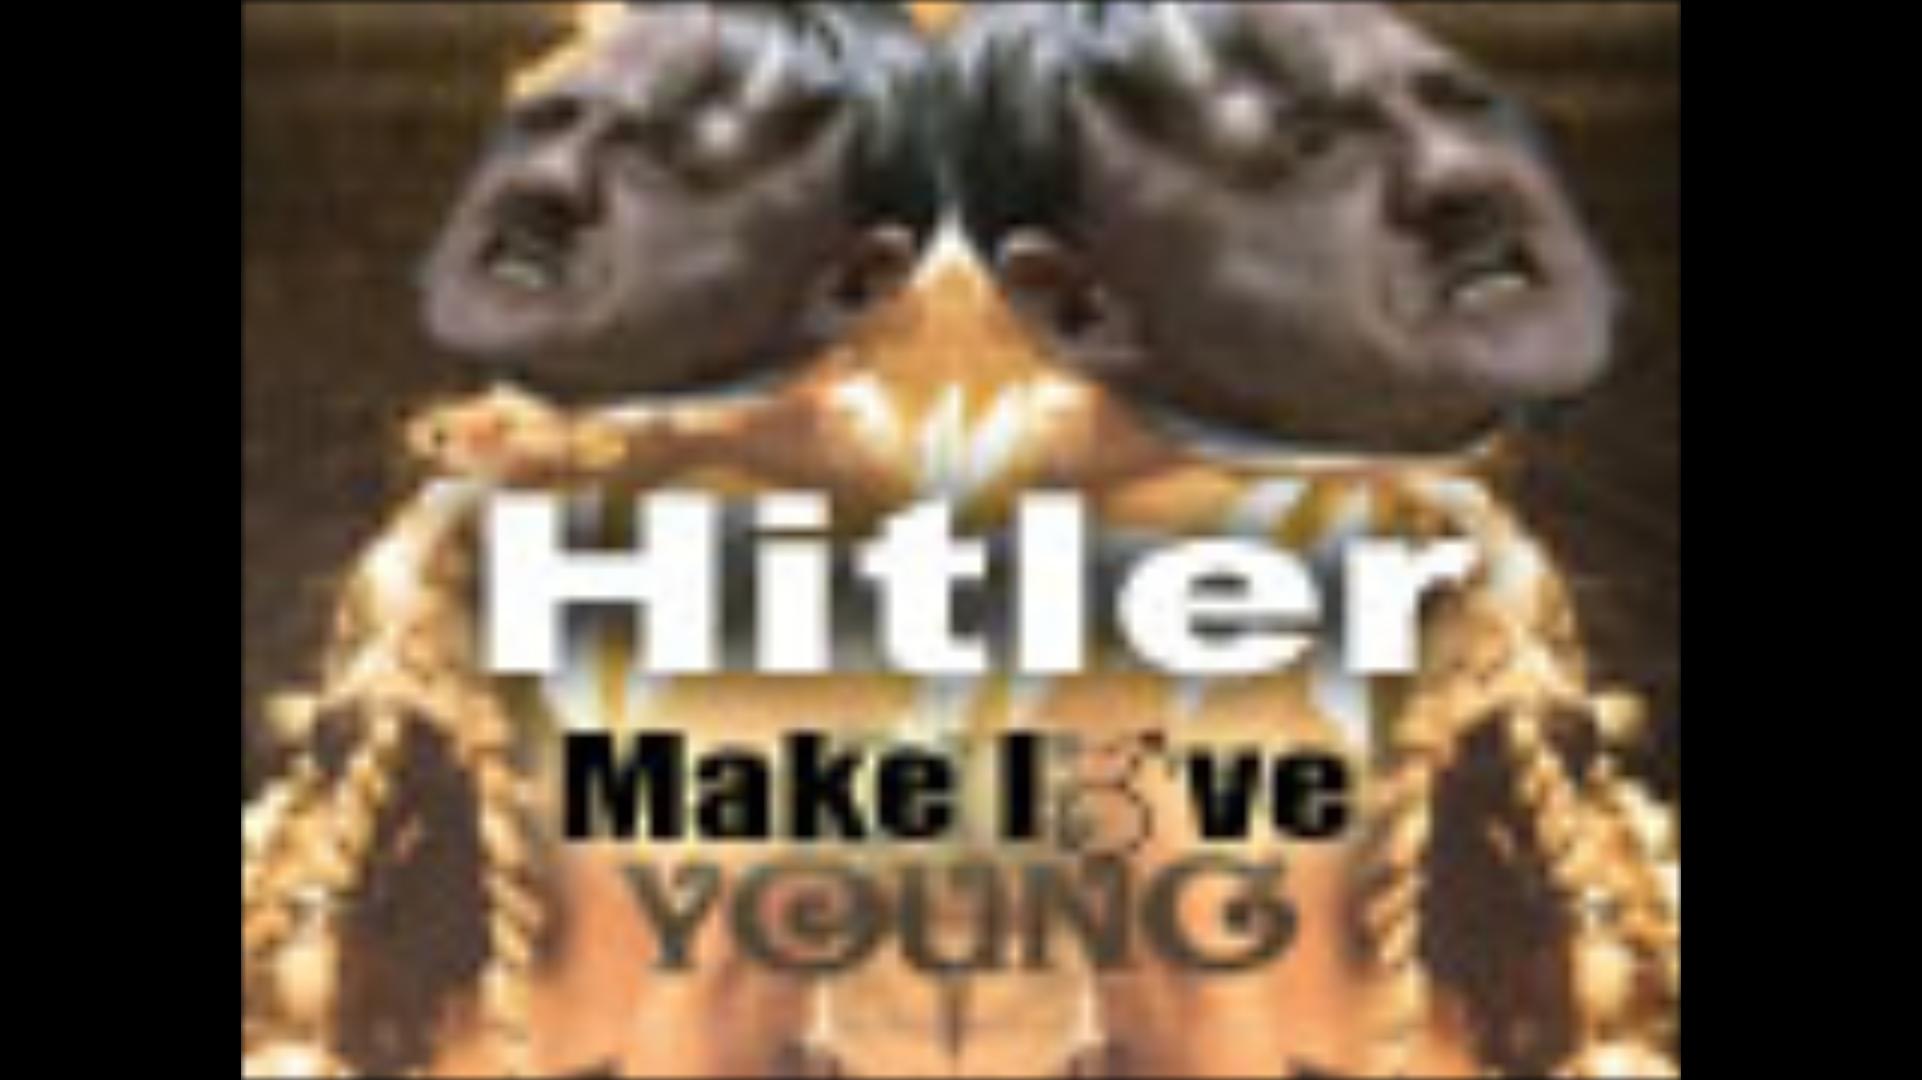 【再调音】Make Love Young 【feat.富兰克林&小黄】